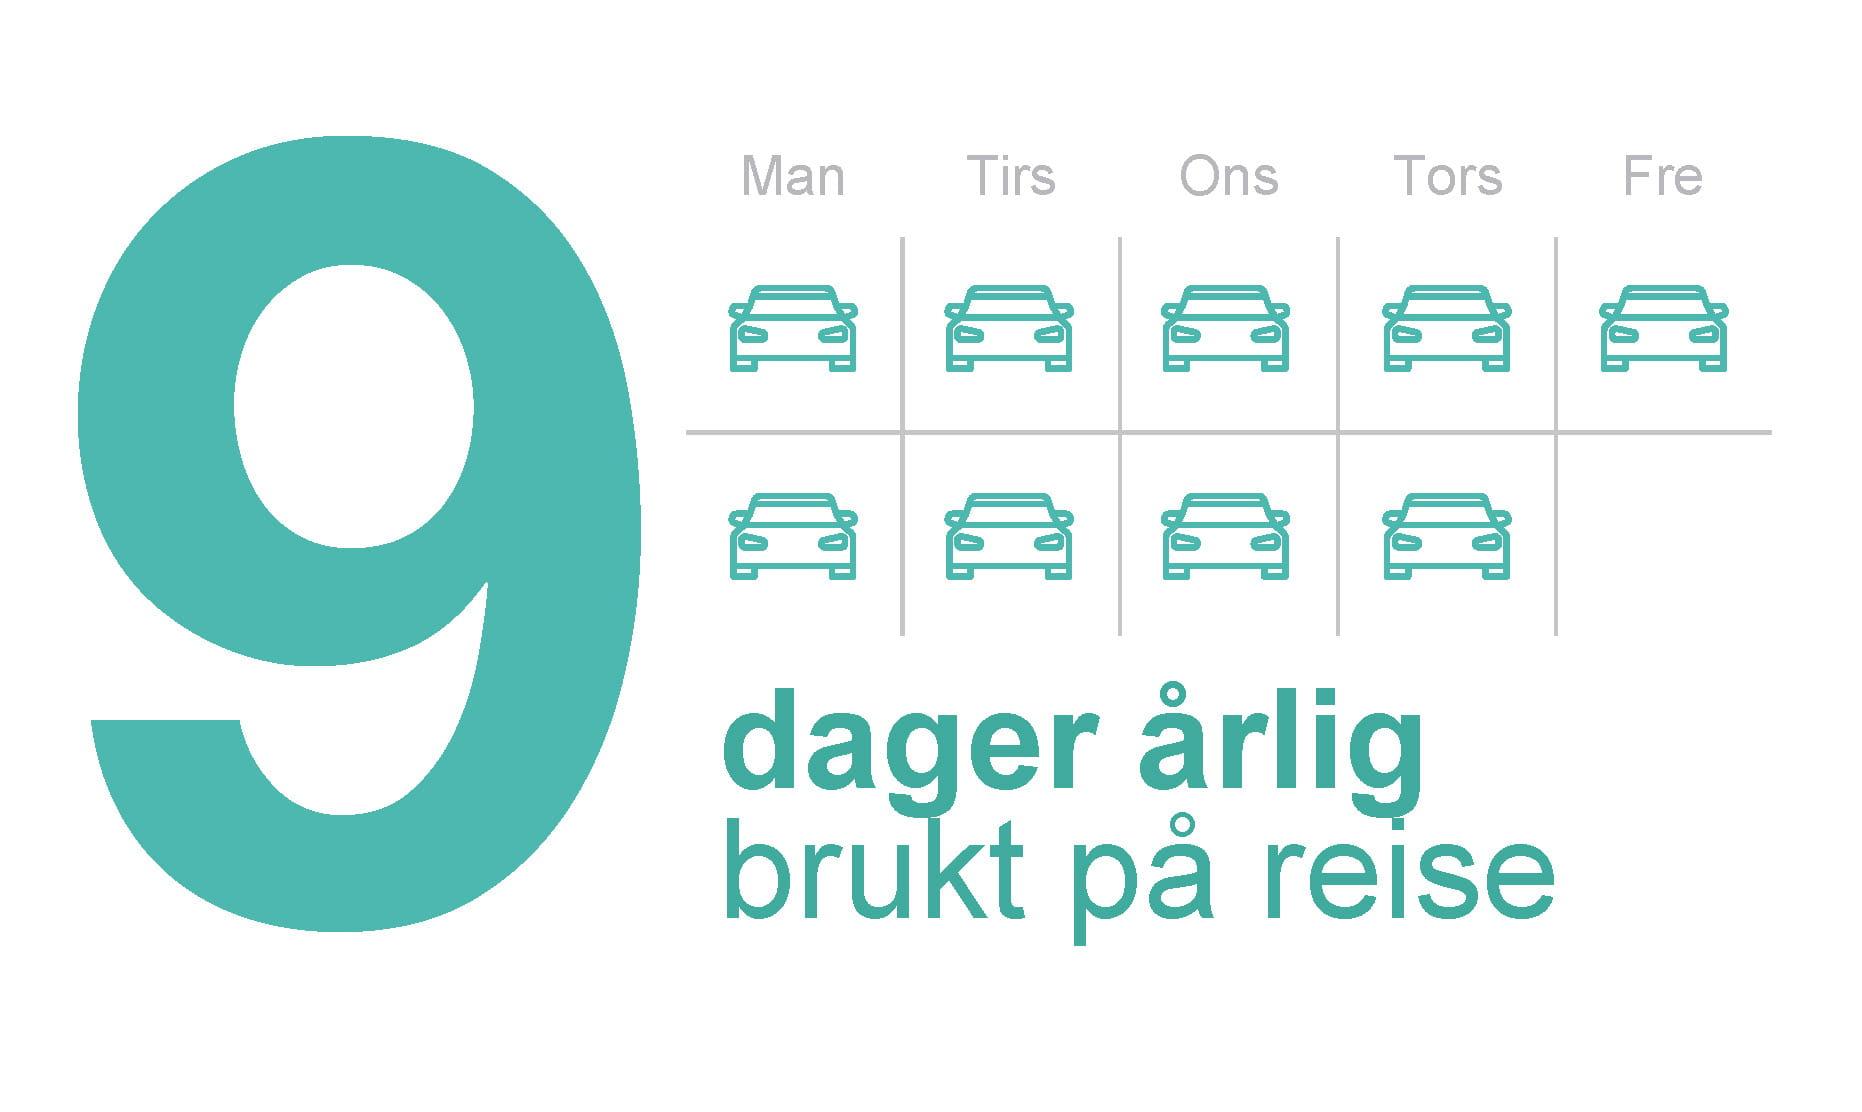 9 dager årlig brukt på reise informasjonsgrafikk